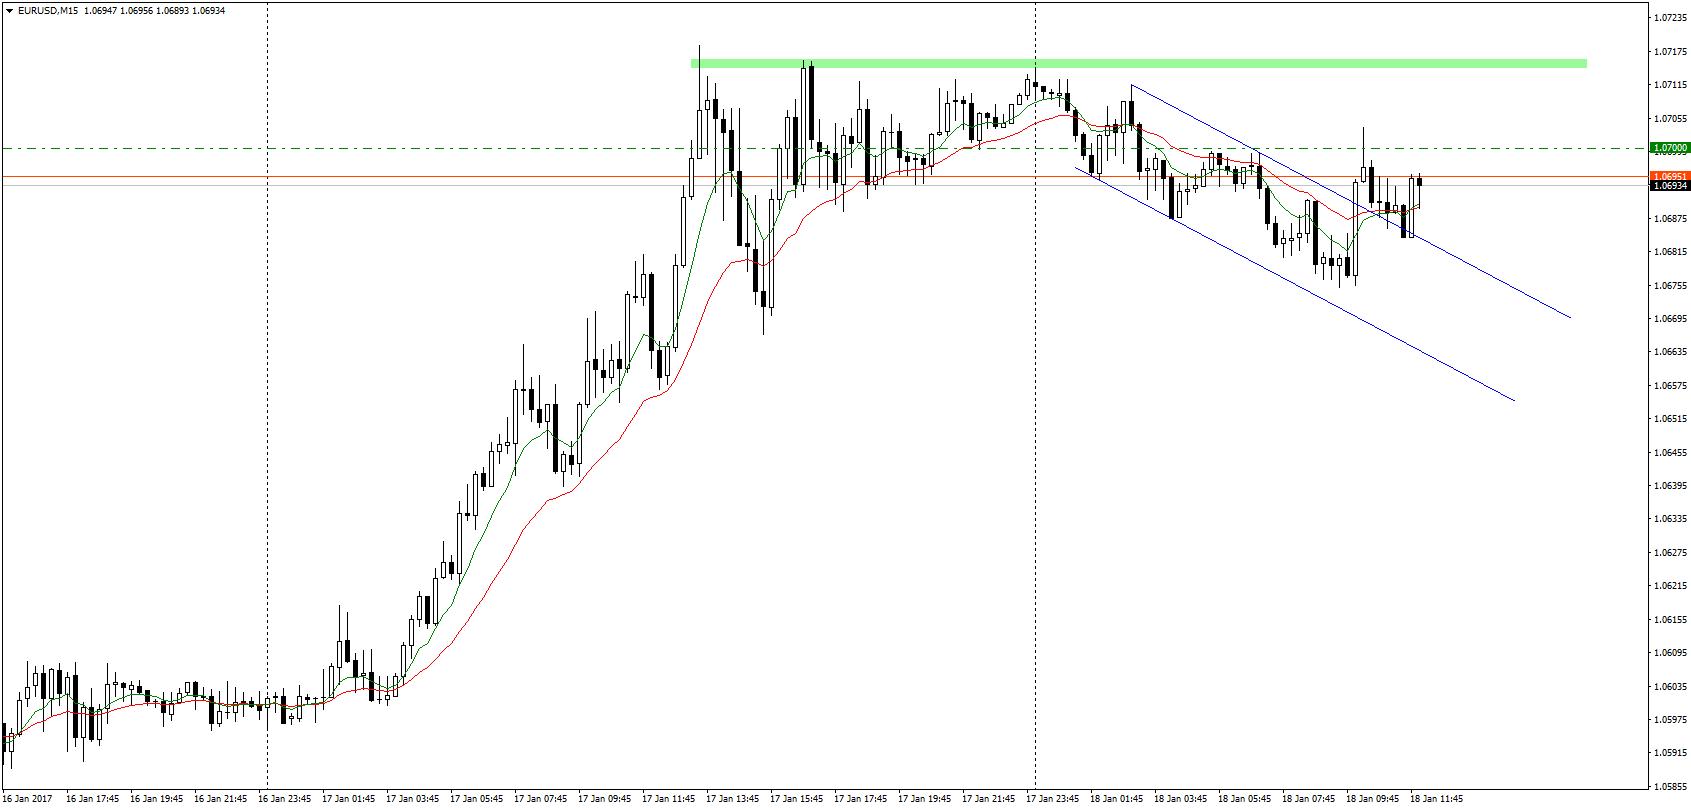 Reakcja EUR/USD nie przekracza kilkunastu pips. Para wybiła lokalny kanał spadkowy, jednak nadal pozostaje poniżej poziomu 1,07 oraz wczorajszych szczytów.